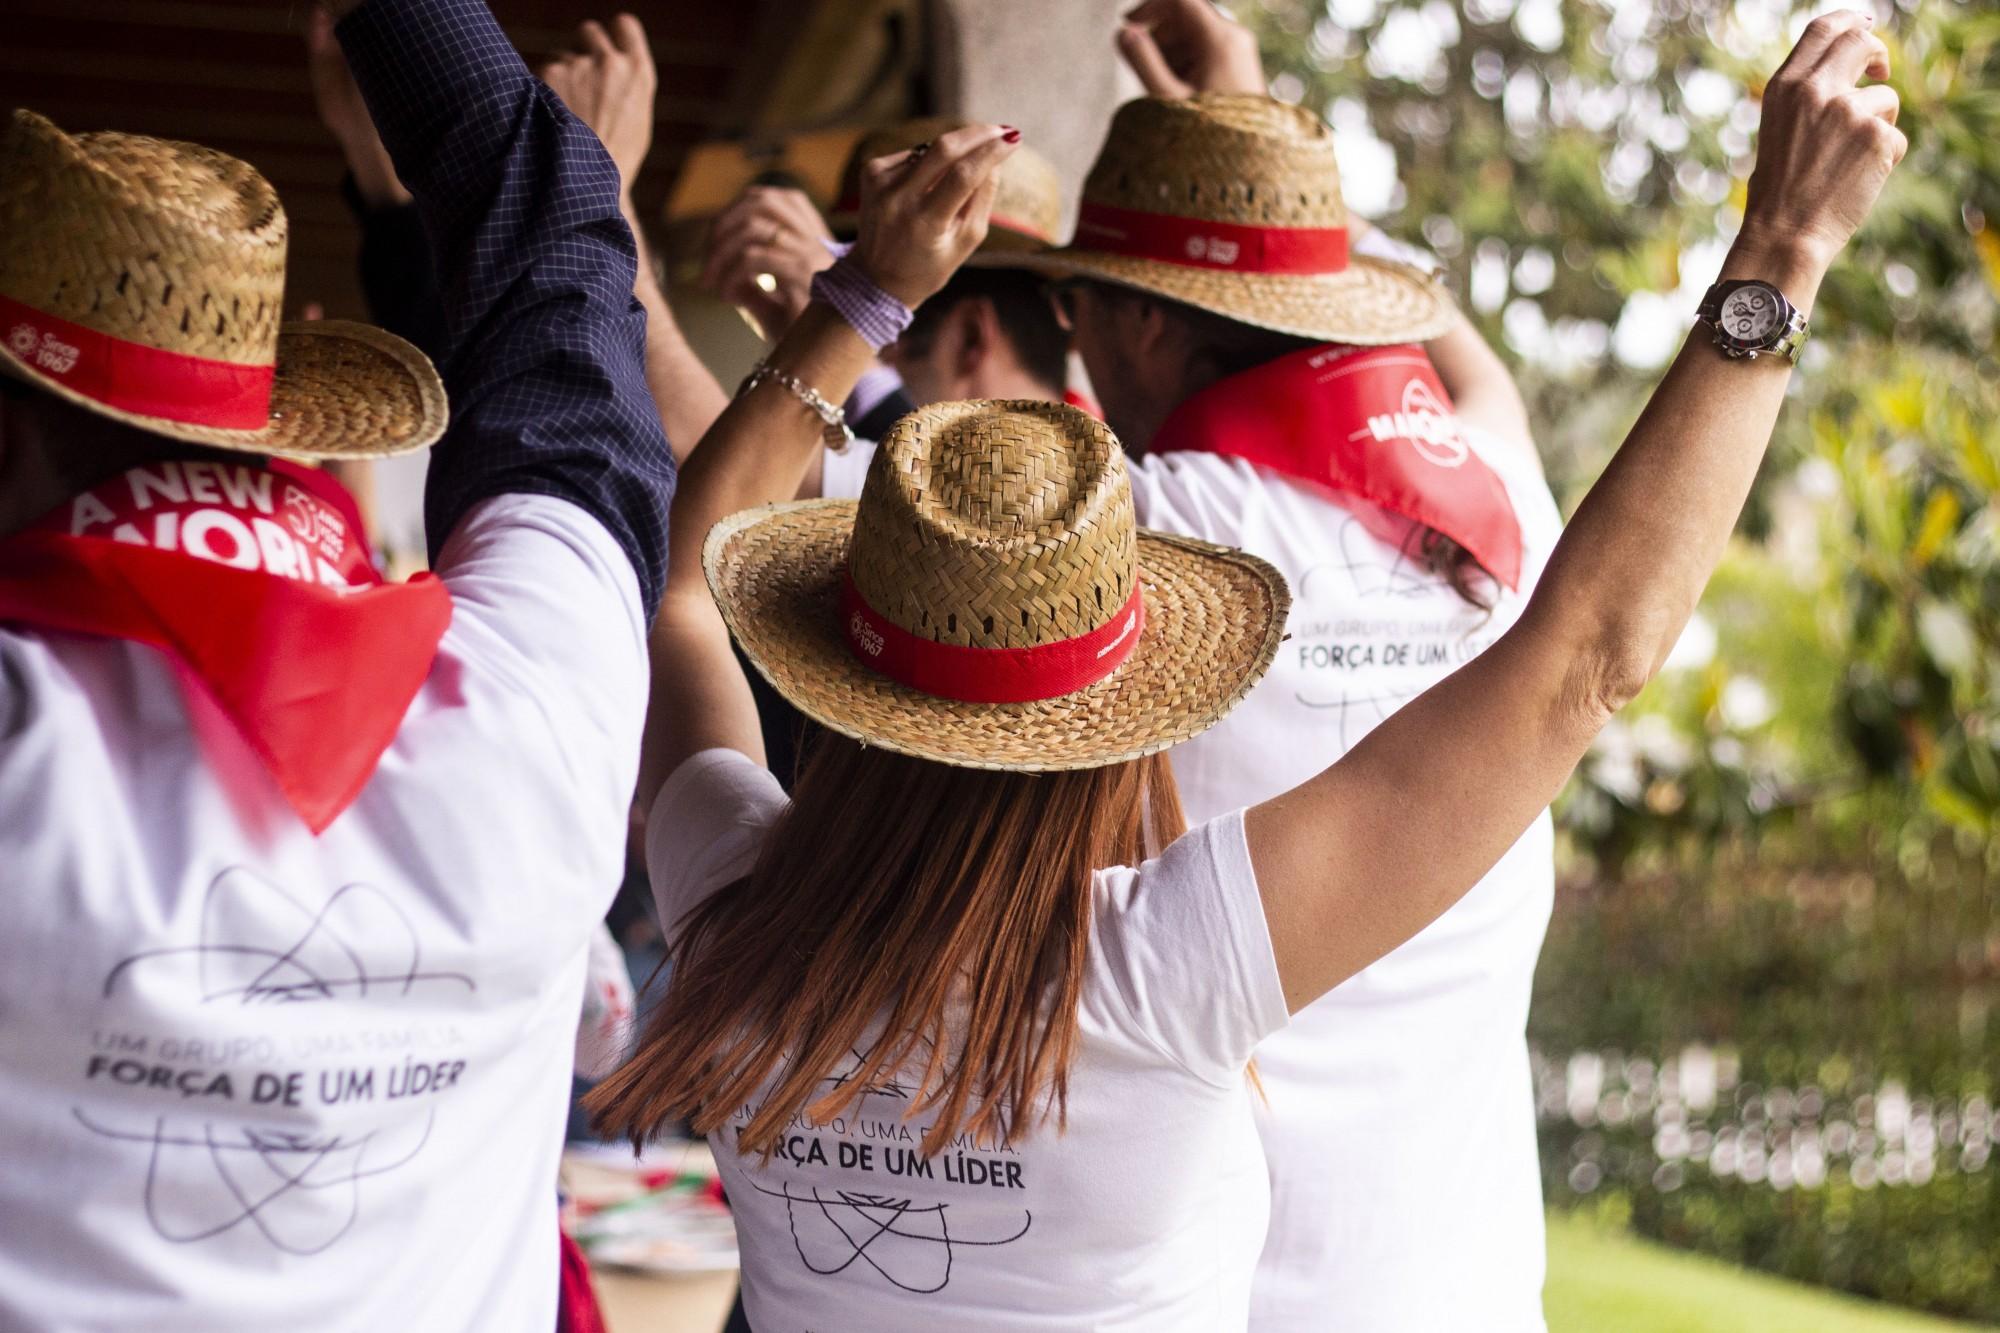 O PORQUÊ DE OS COLABORADORES DA BALANÇAS MARQUES SENTIREM FALTA DA EMPRESA DURANTE AS FÉRIAS